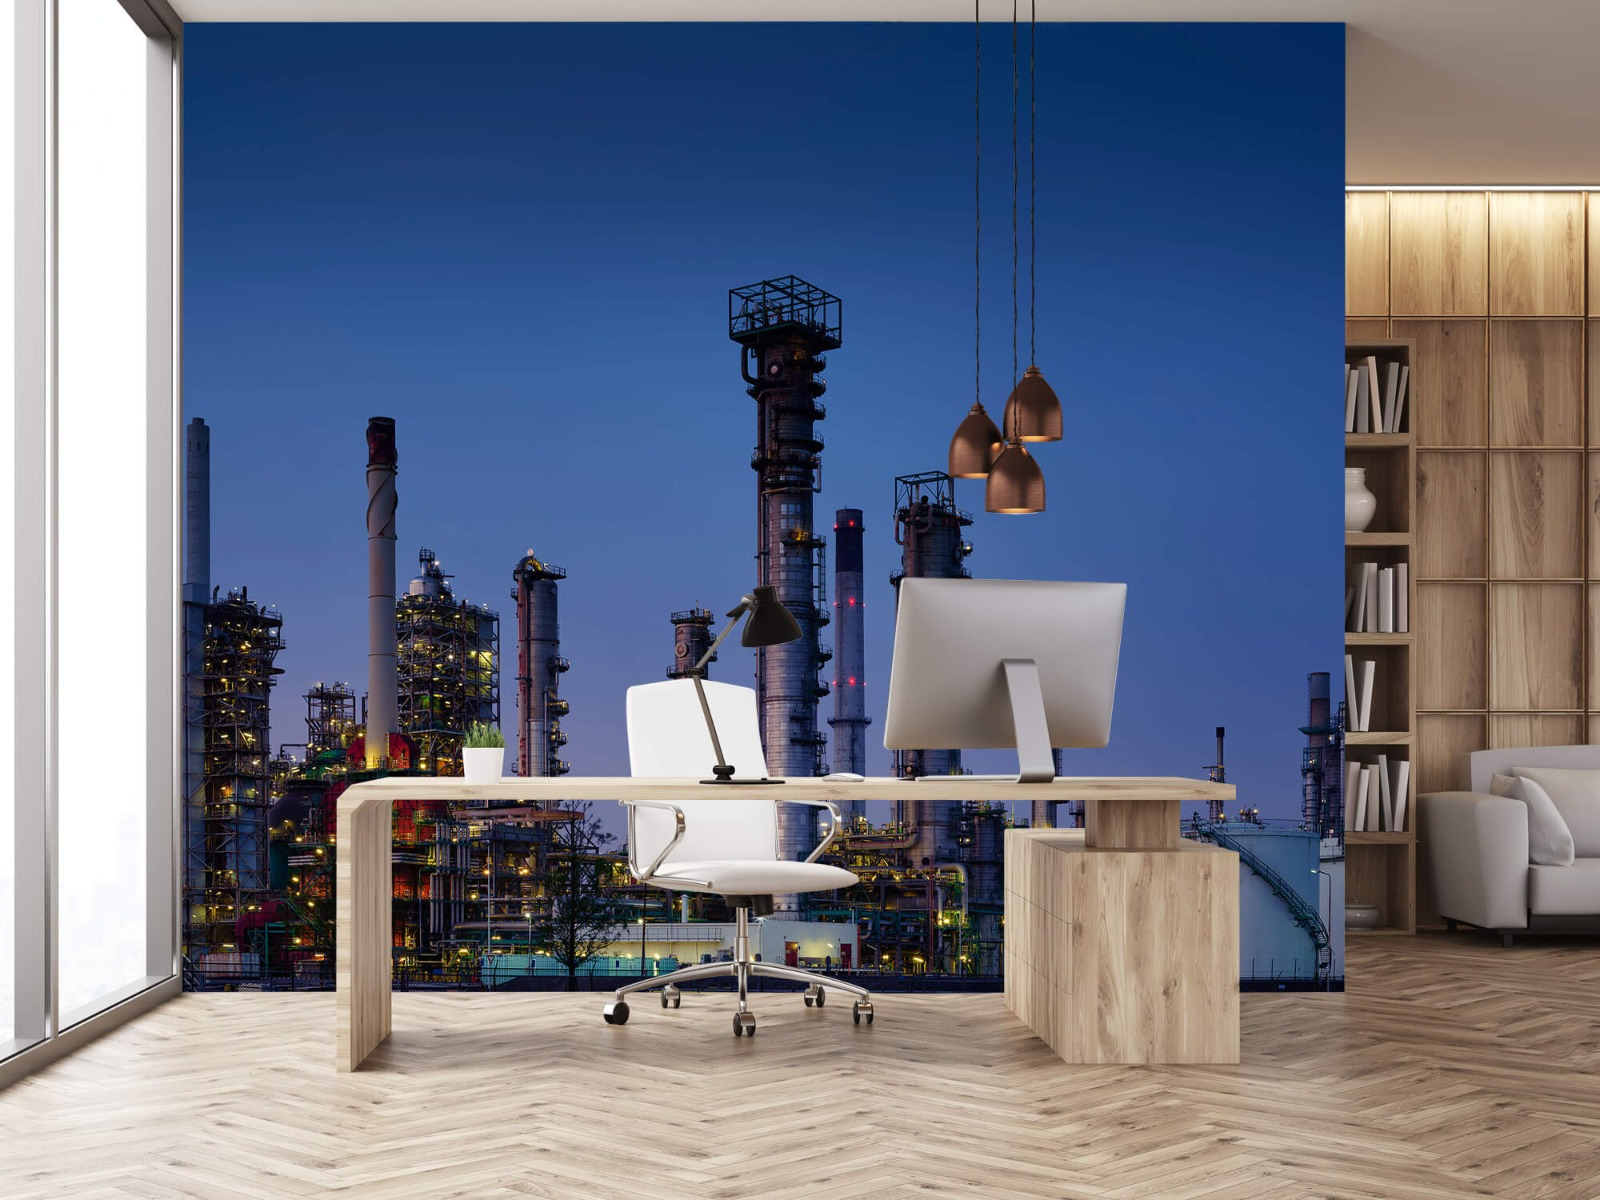 Steden behang - Industrie Botlek - Hobbykamer 24